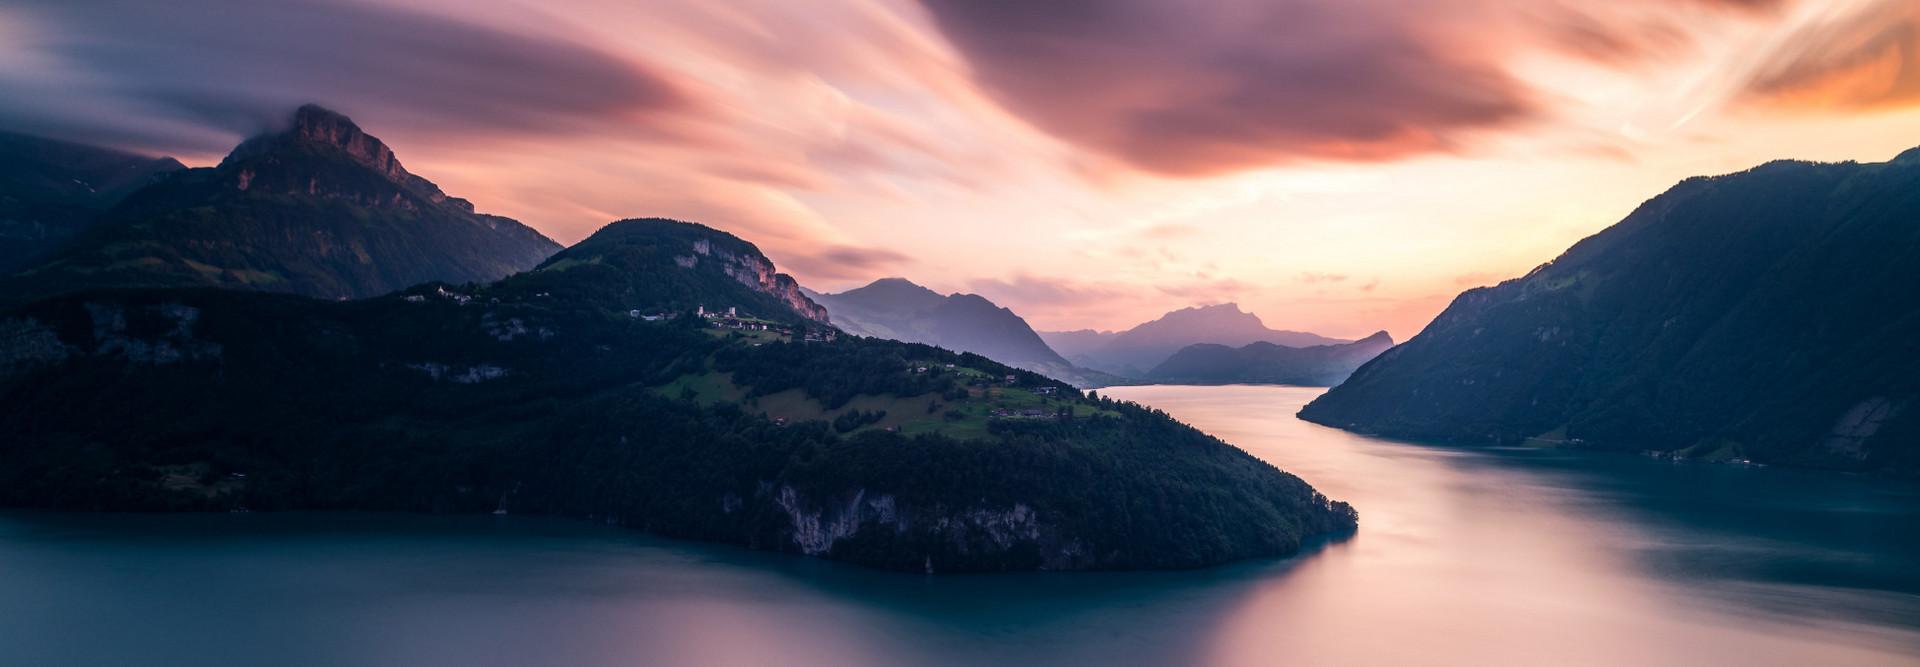 Stimmungsvolles Wolkenspiel über dem Vierwaldstättersee.